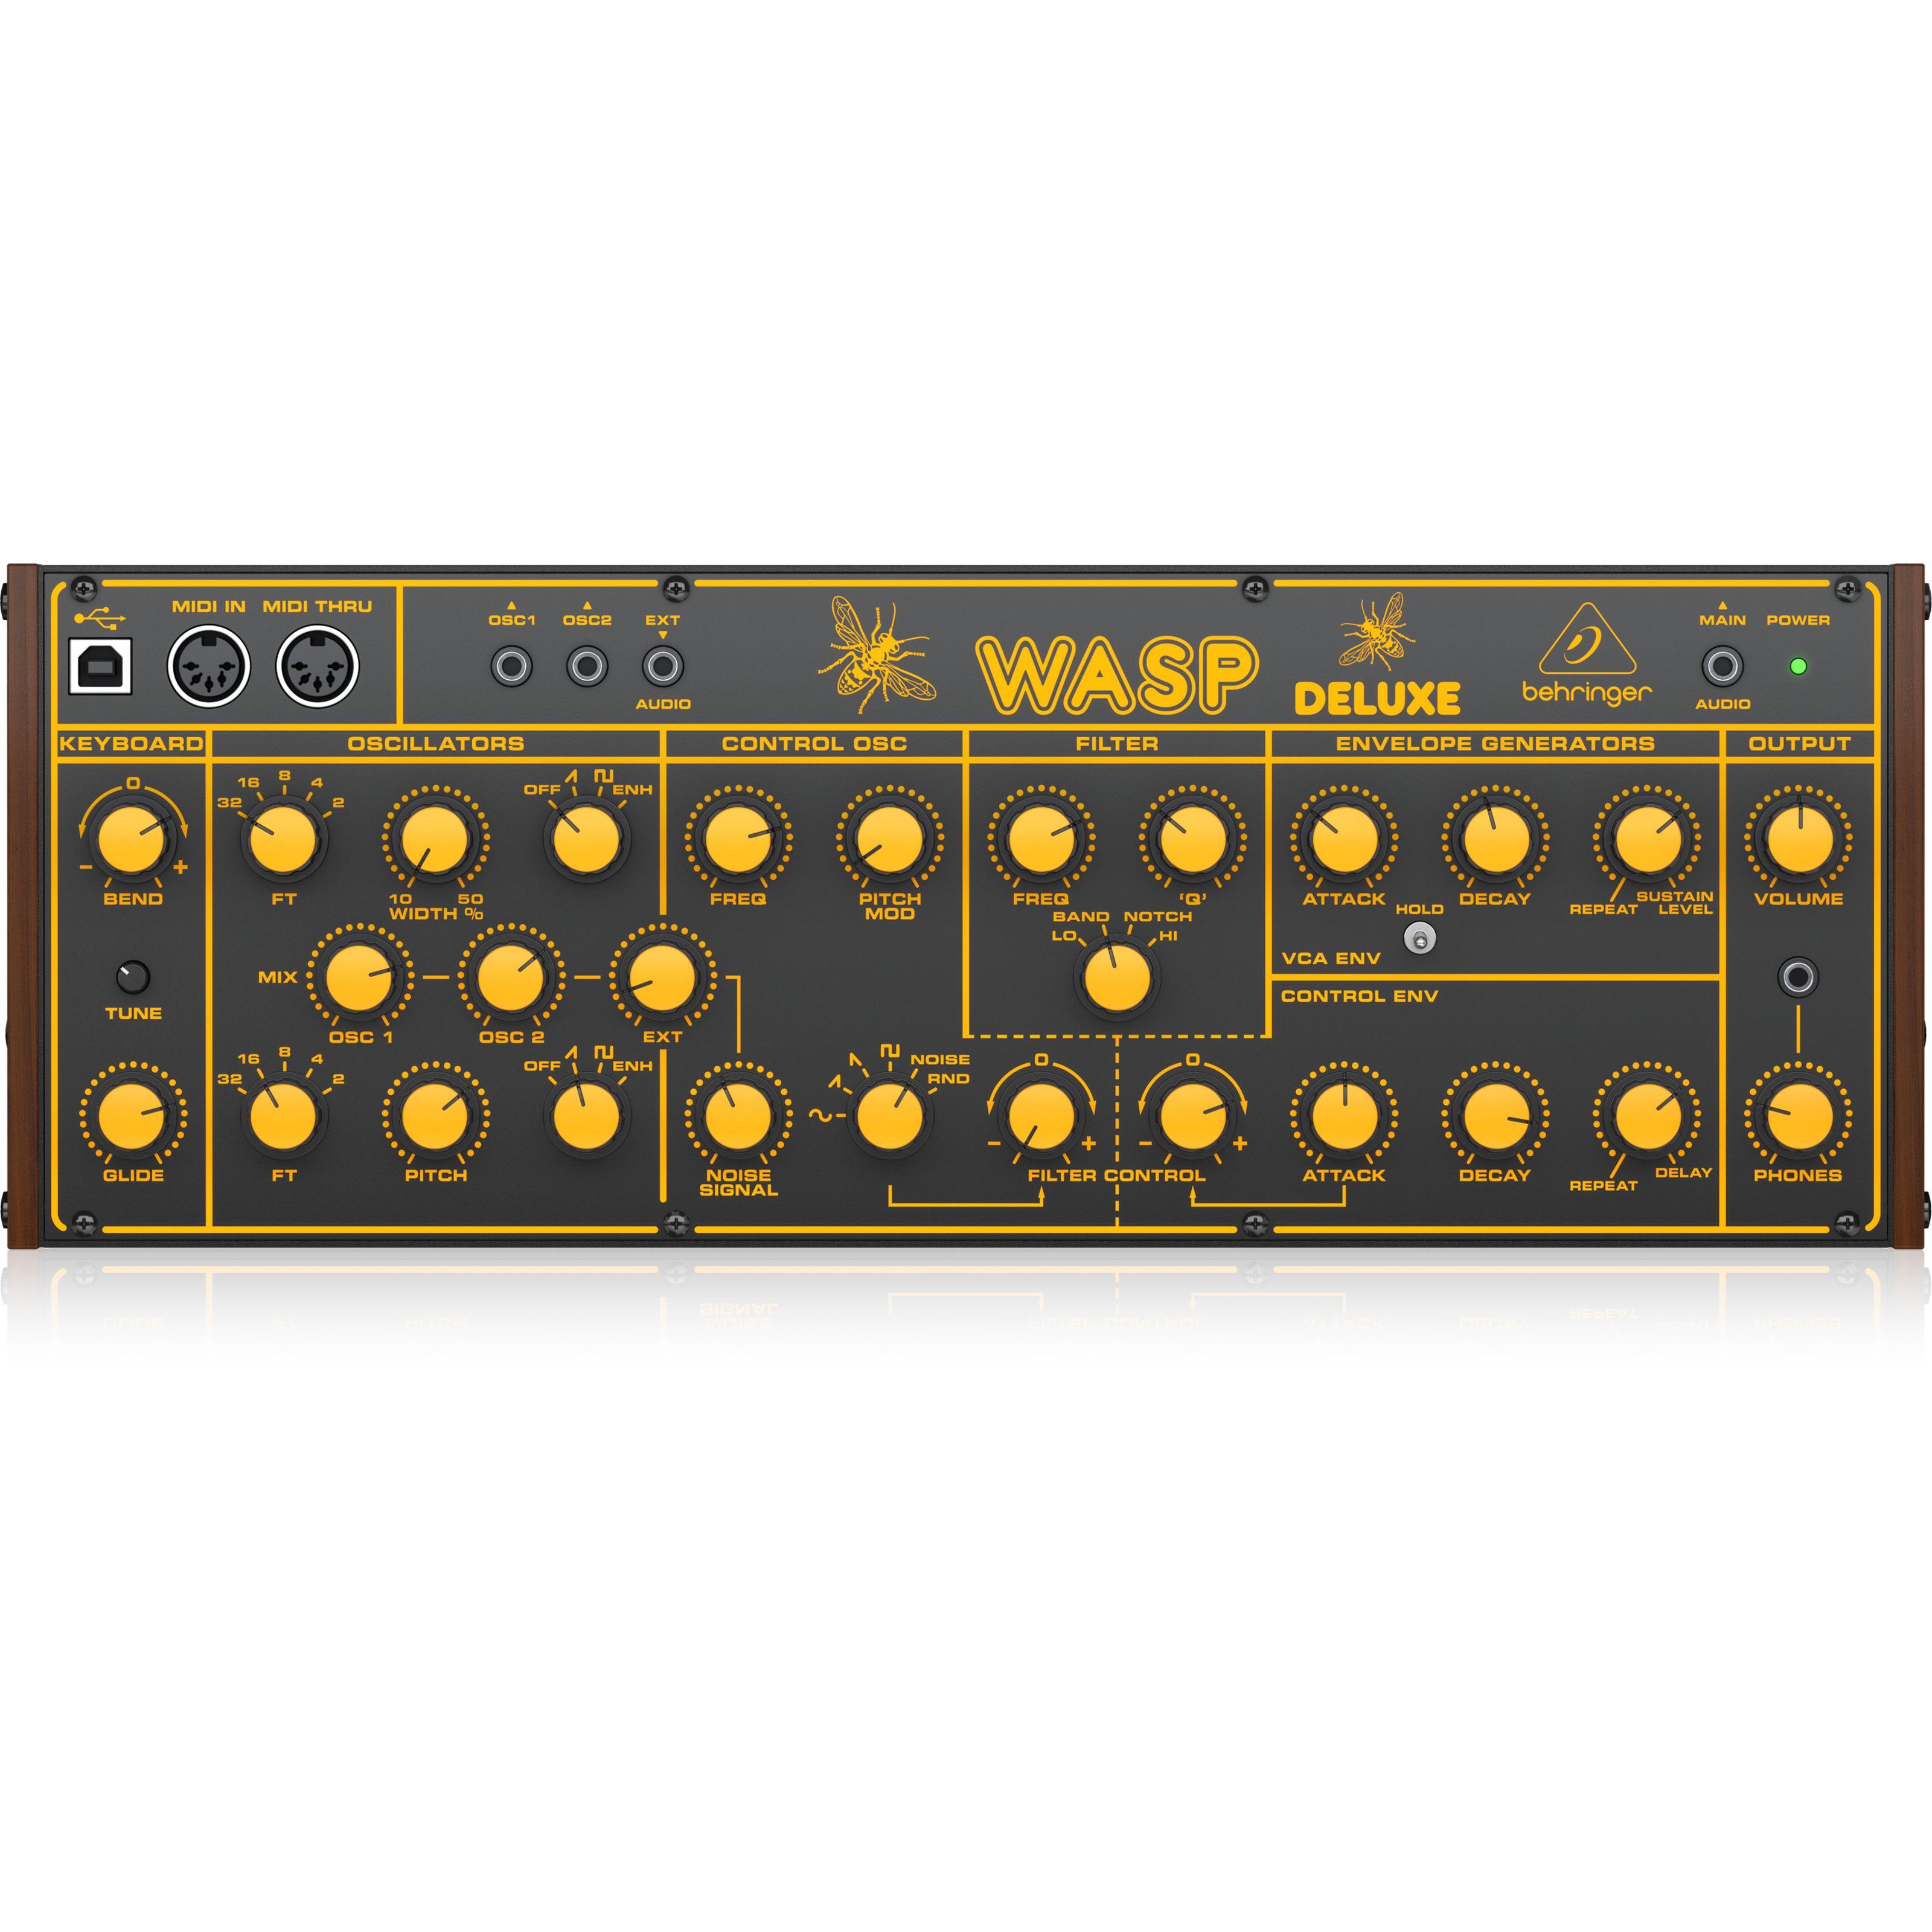 Behringer - Wasp Deluxe 000-DN601-00010